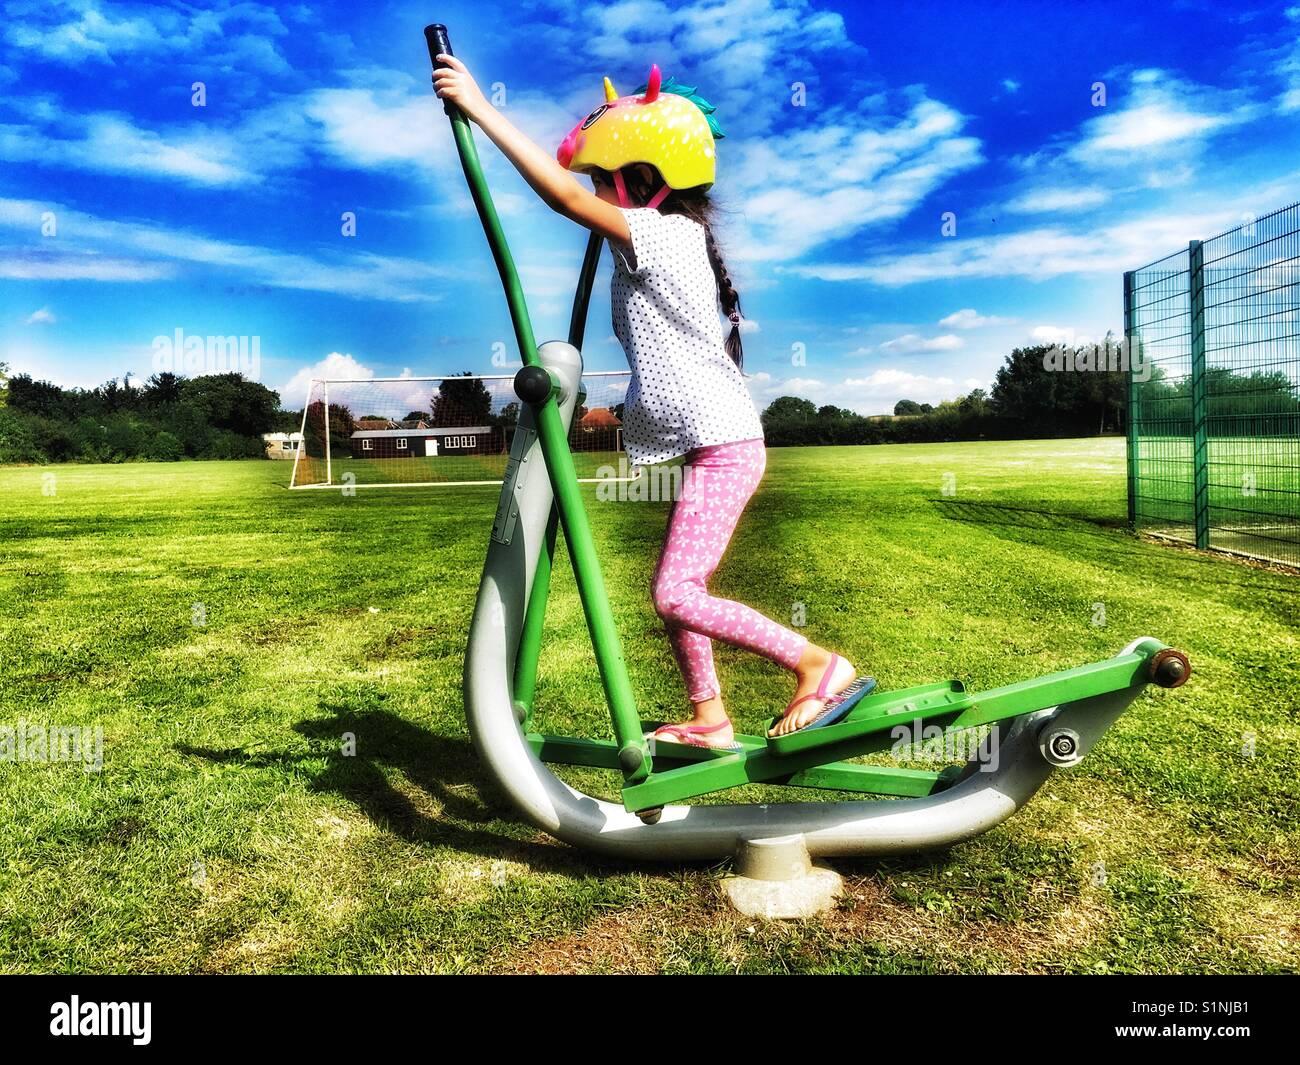 Machine d'exercice à l'aide de la jeune fille Photo Stock